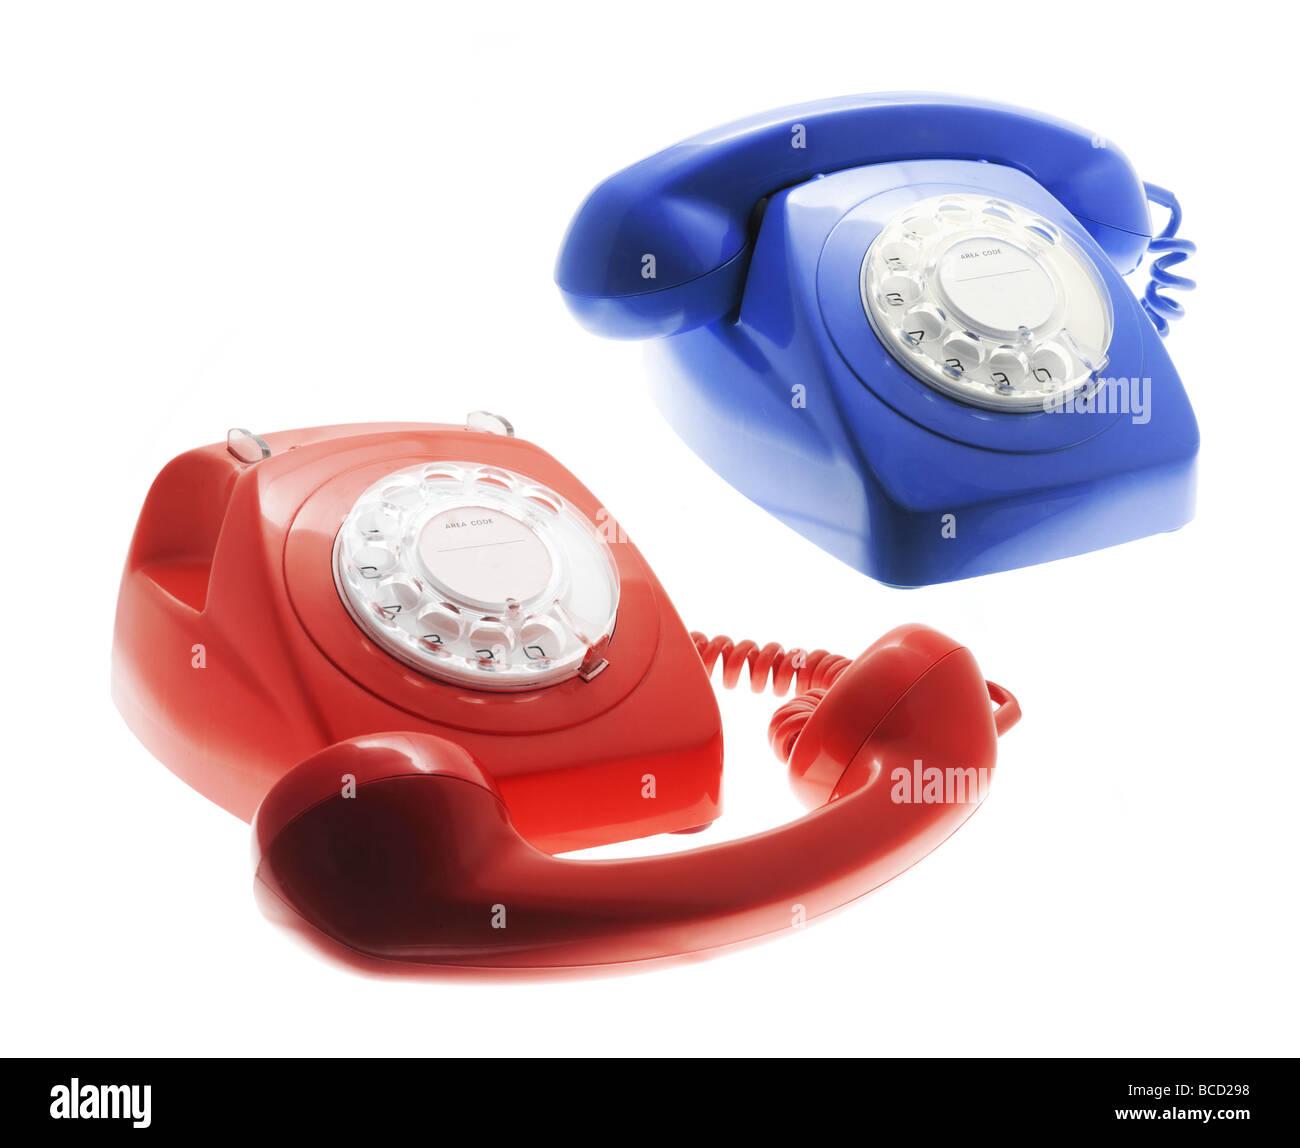 Telephones - Stock Image